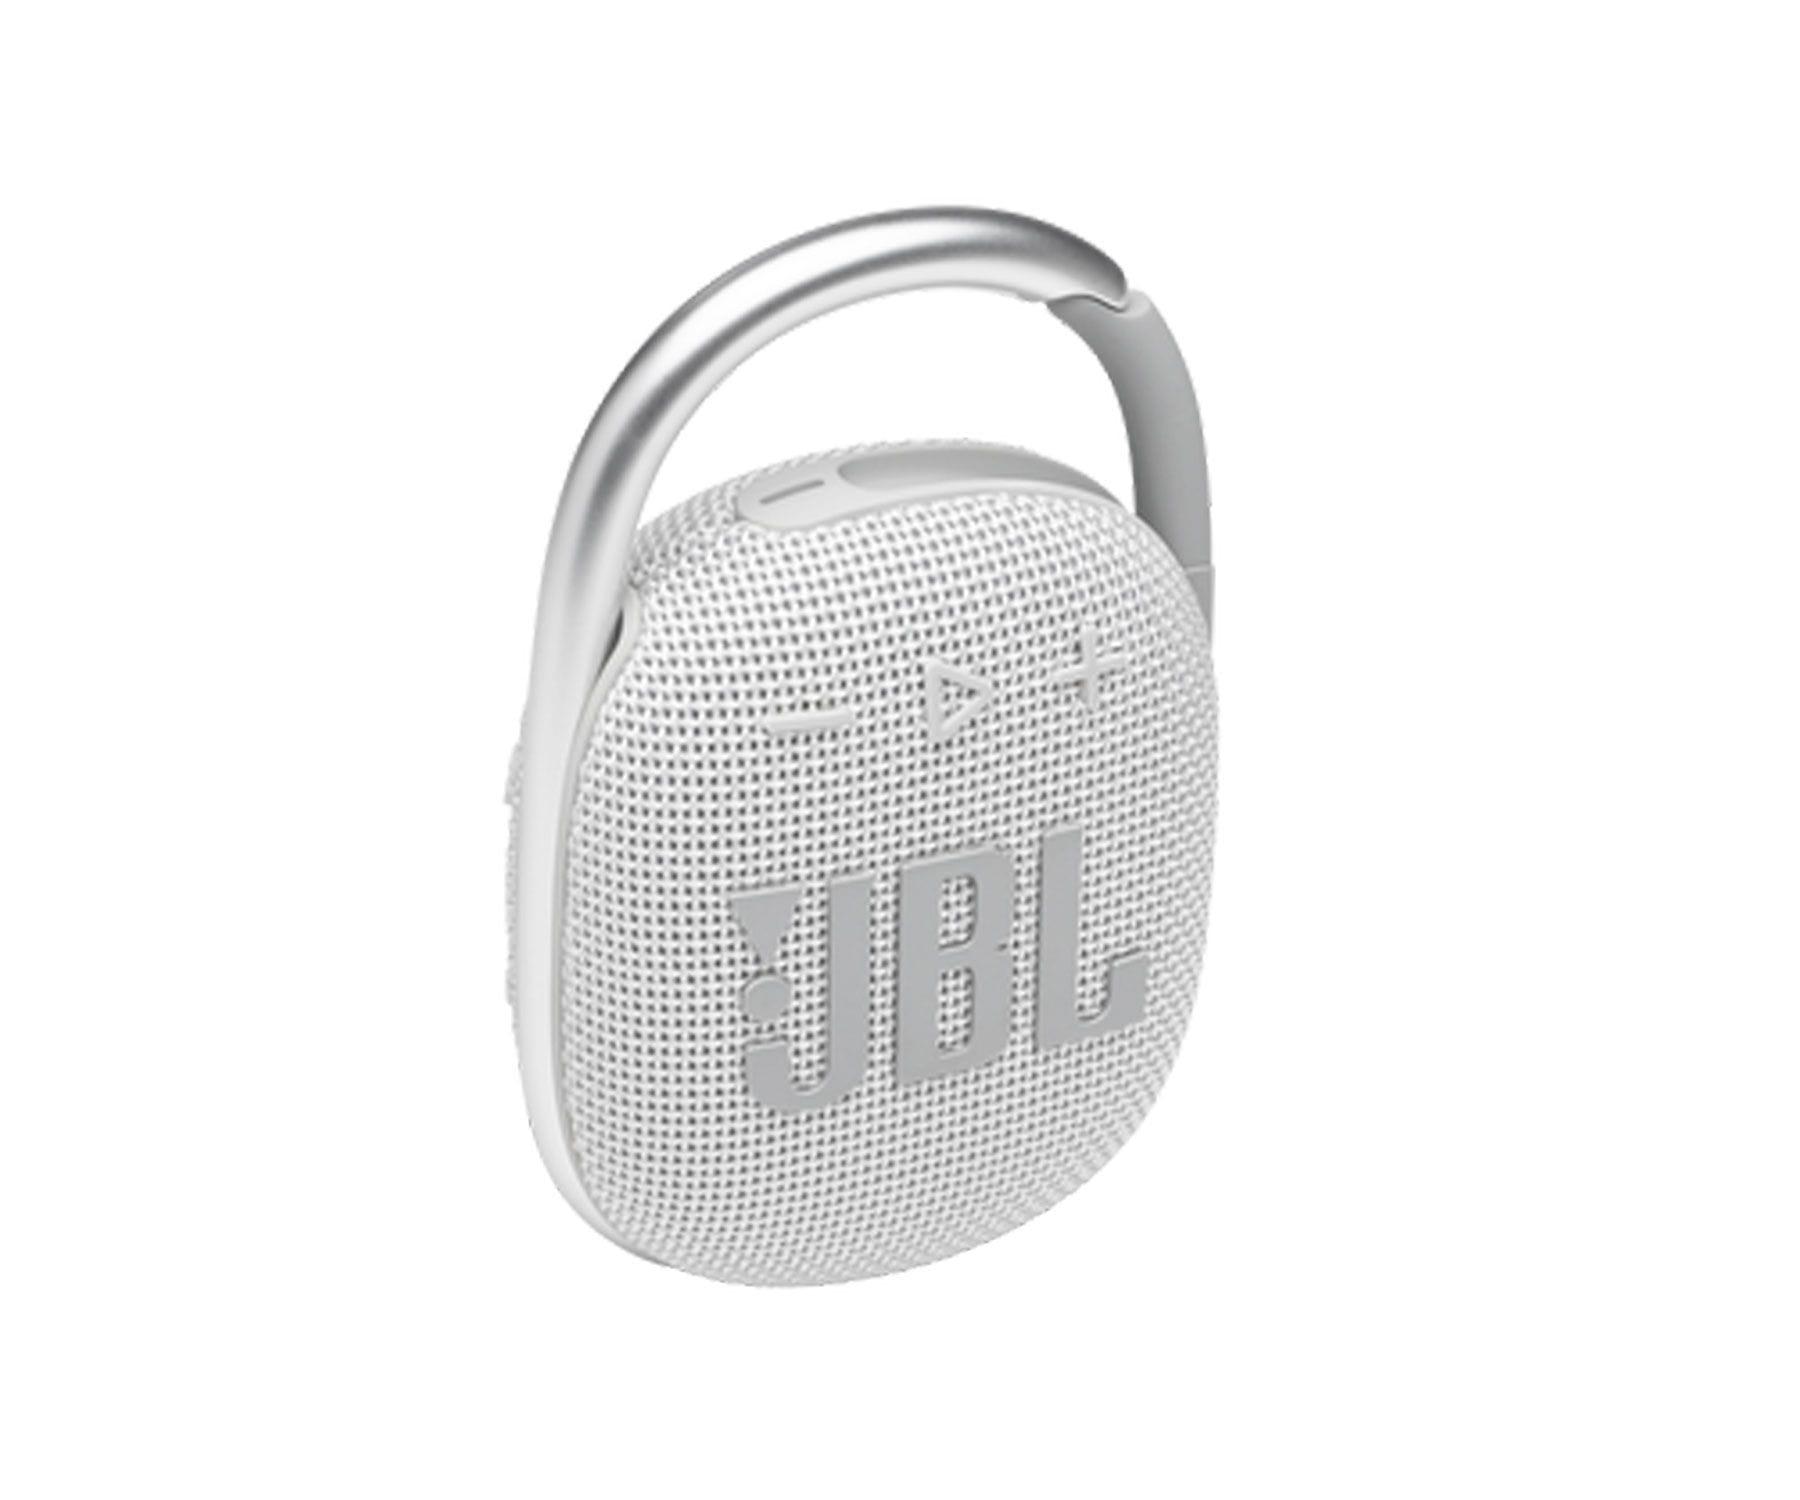 Jbl Altavoz Clip4 Blanco/Bluetooth 5.1/IP67/5W